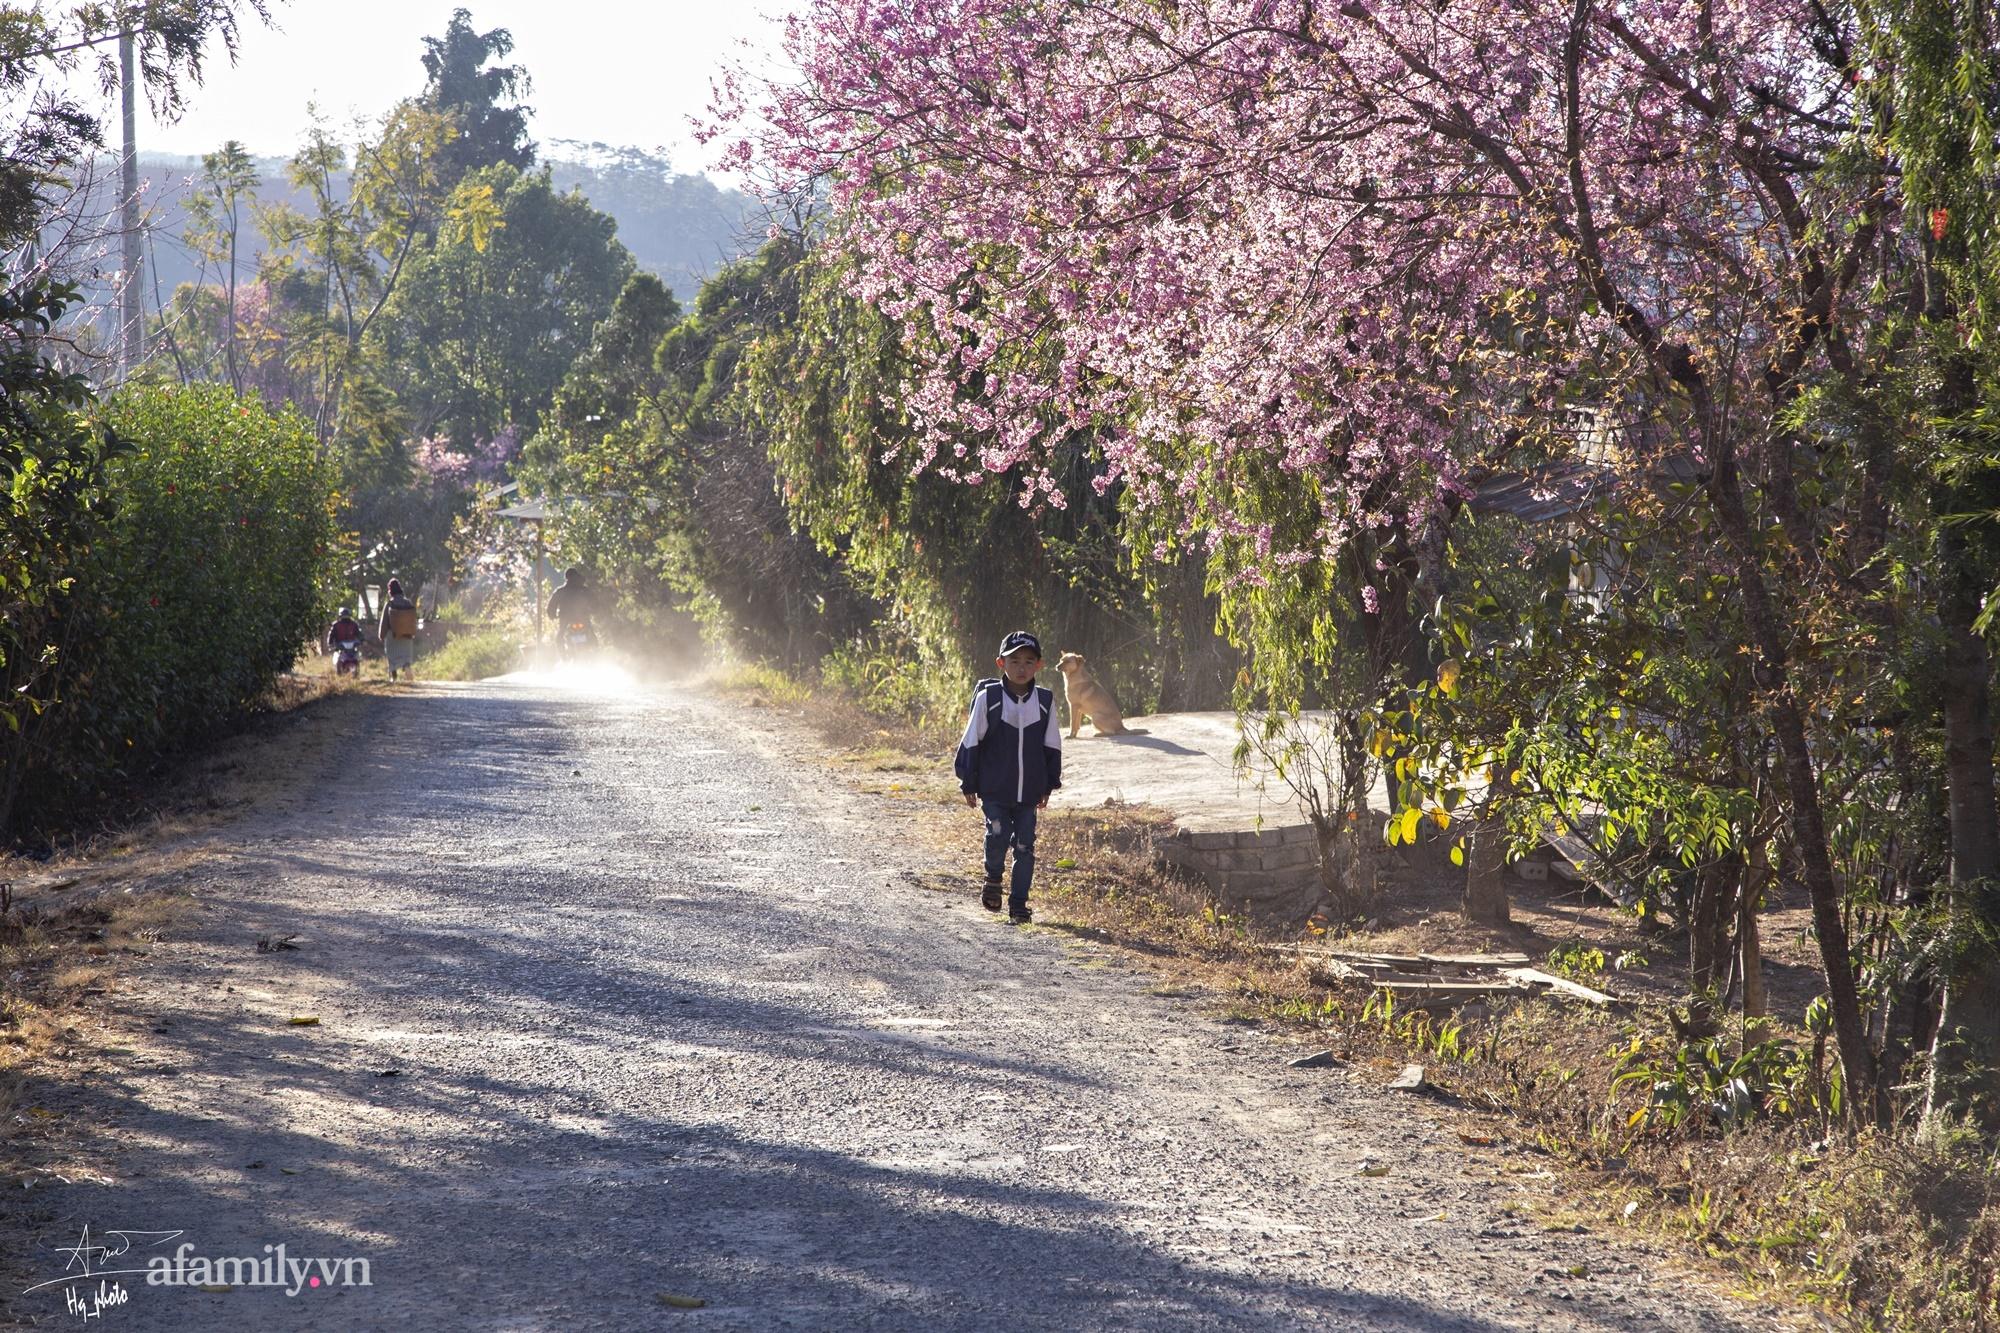 Ngắm hoa mai anh đào nở rợp trời ở ngôi làng đẹp lạ như Tây Tạng, nằm ngay gần trung tâm TP. Đà Lạt mà không phải ai cũng biết - Ảnh 17.